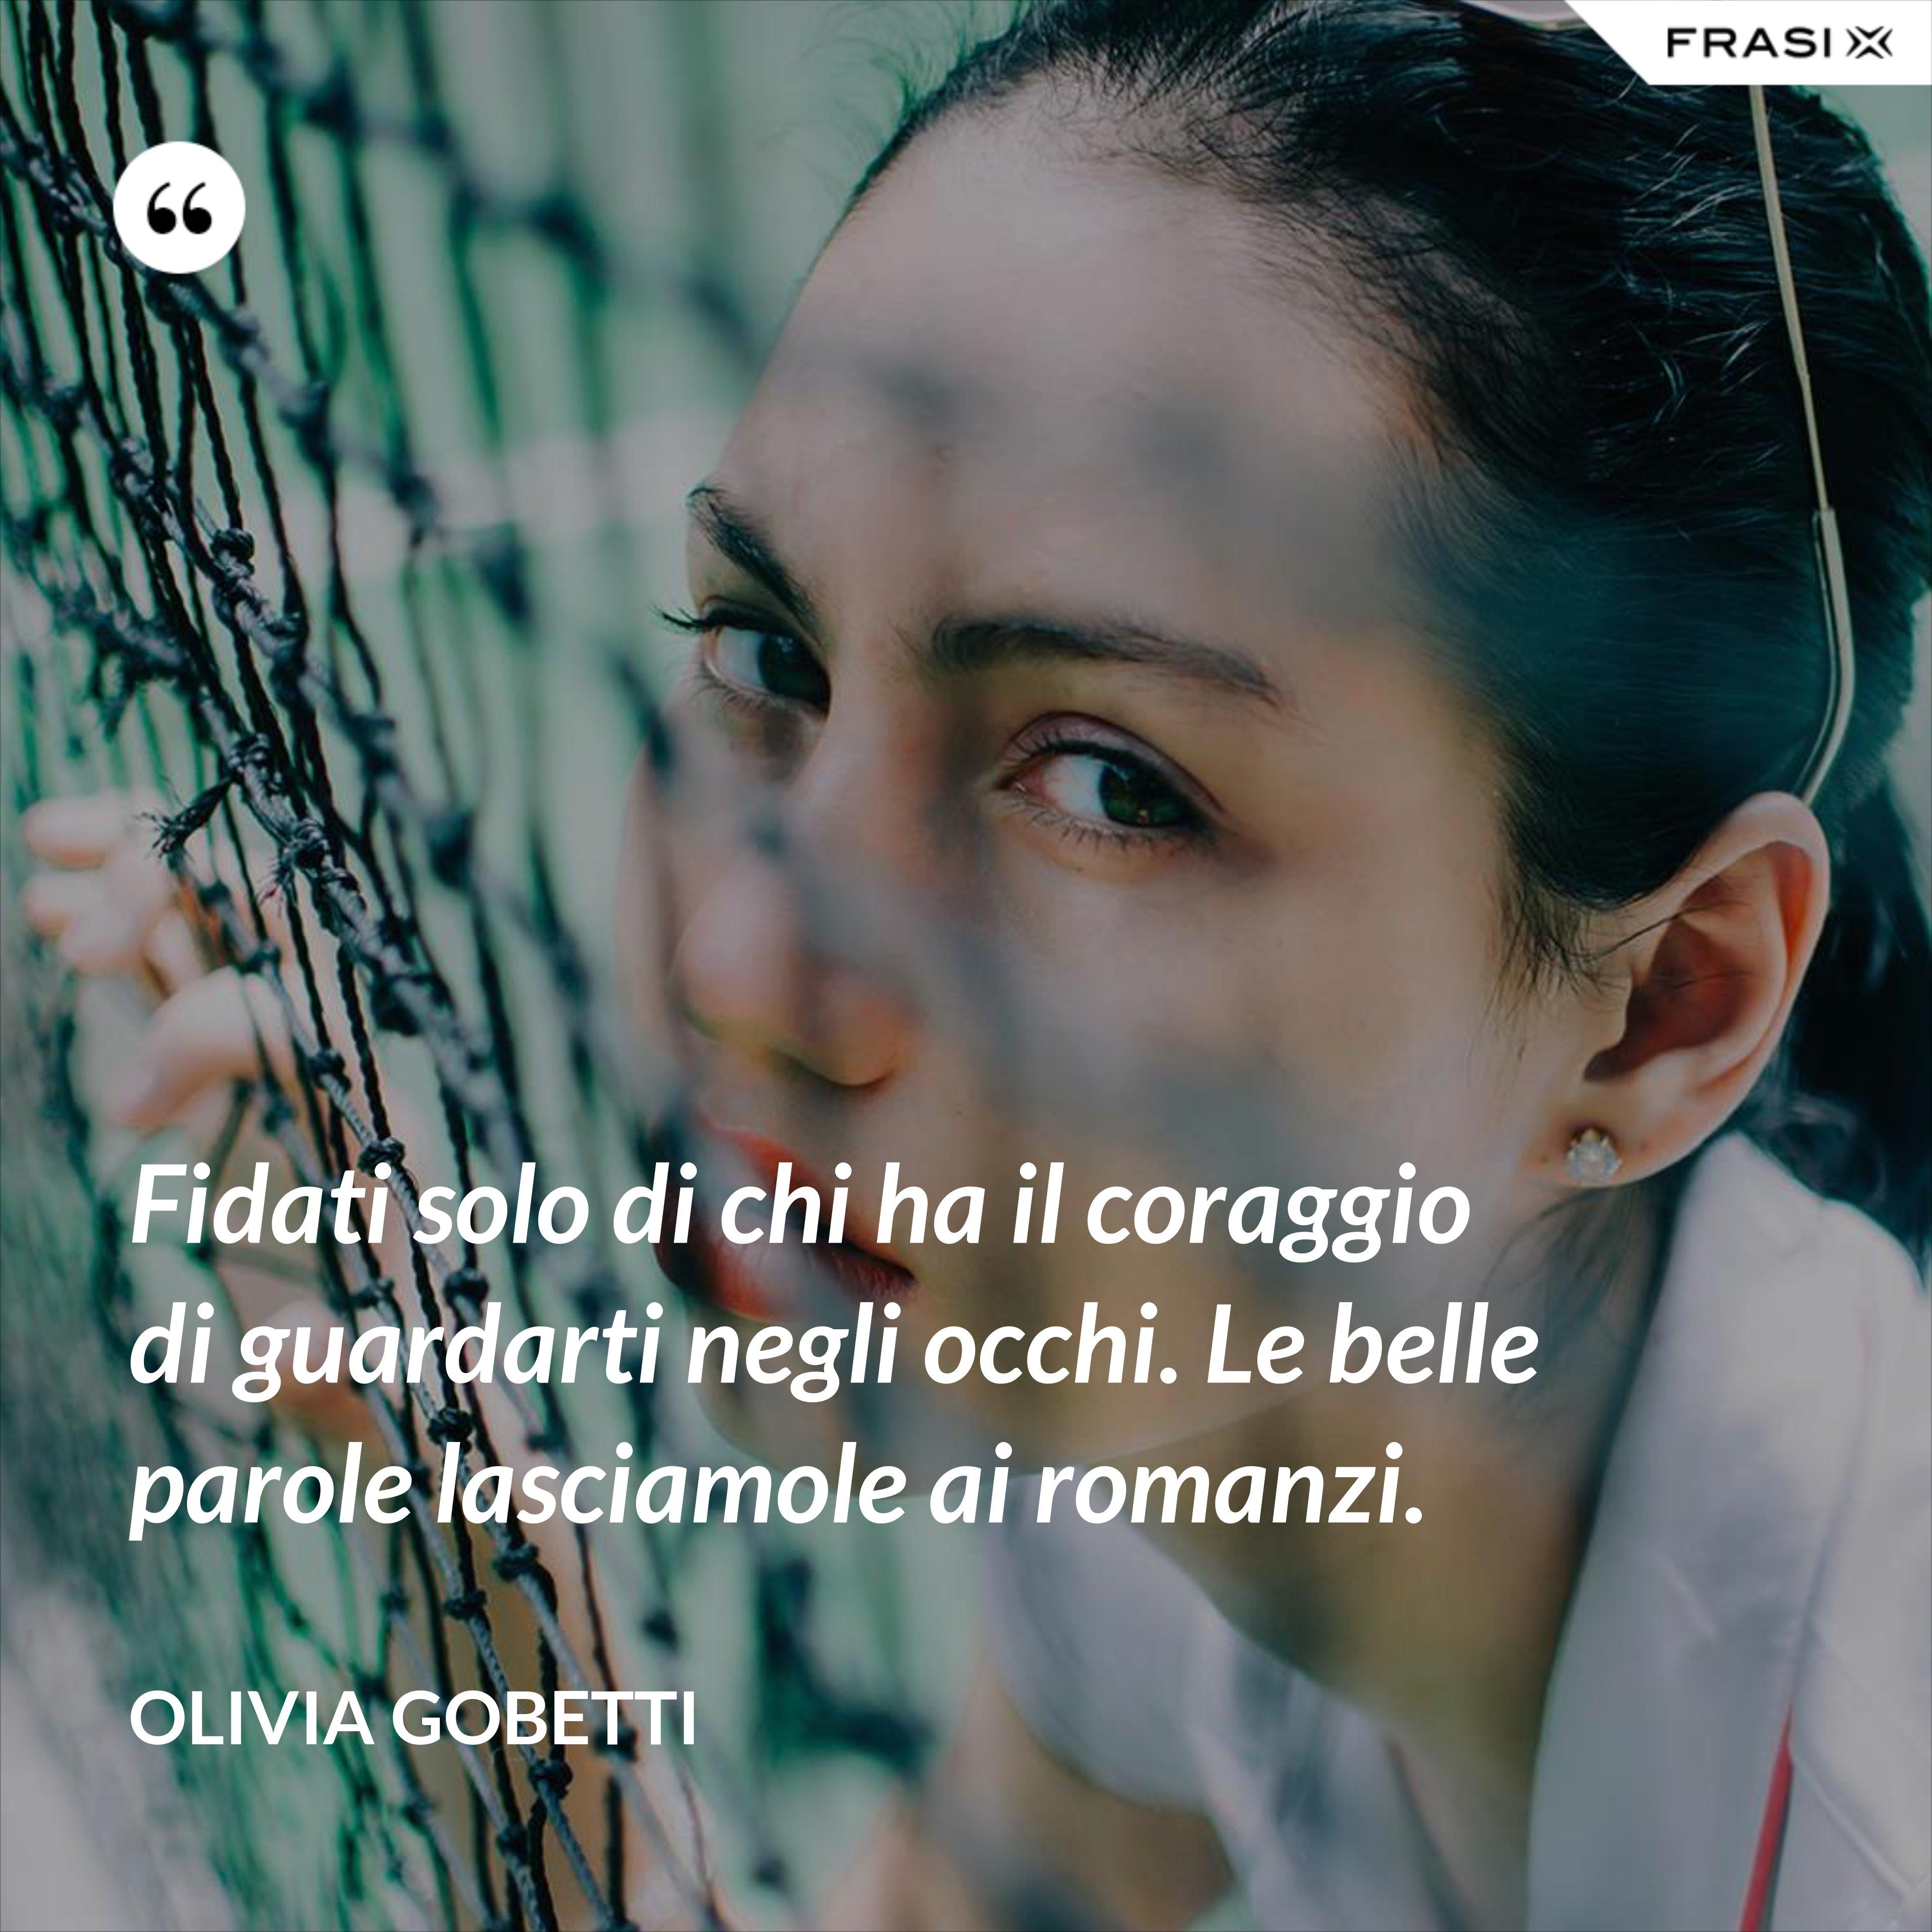 Fidati solo di chi ha il coraggio di guardarti negli occhi. Le belle parole lasciamole ai romanzi. - Olivia Gobetti